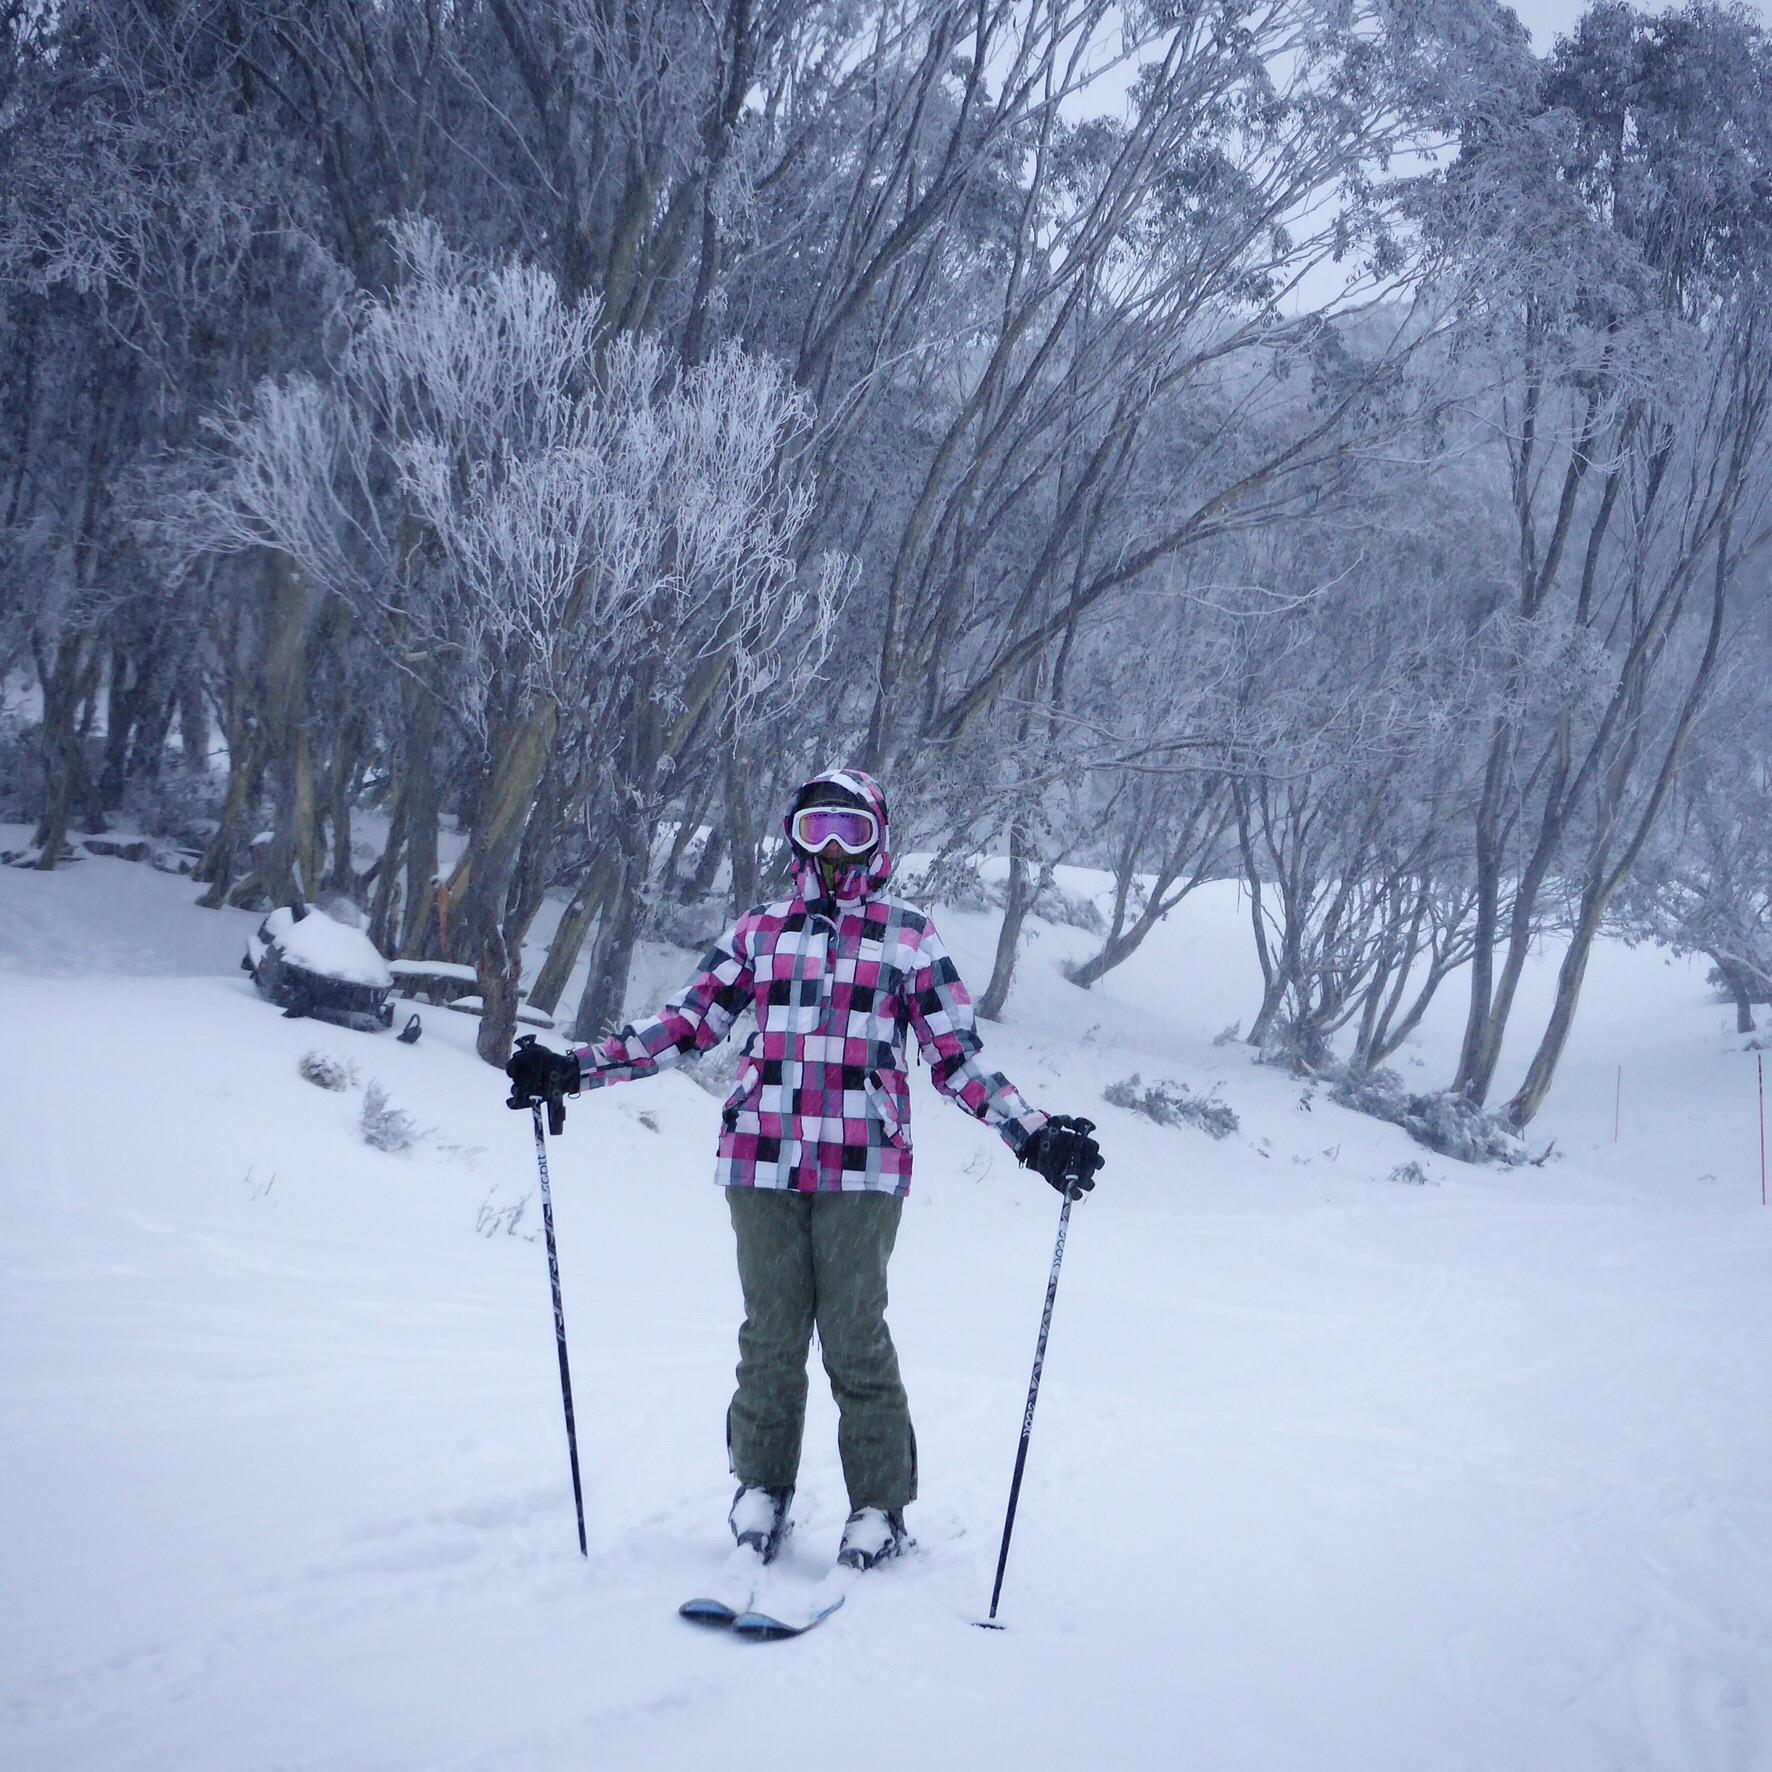 Ski time at Falls Creek, Traveling Honeybird